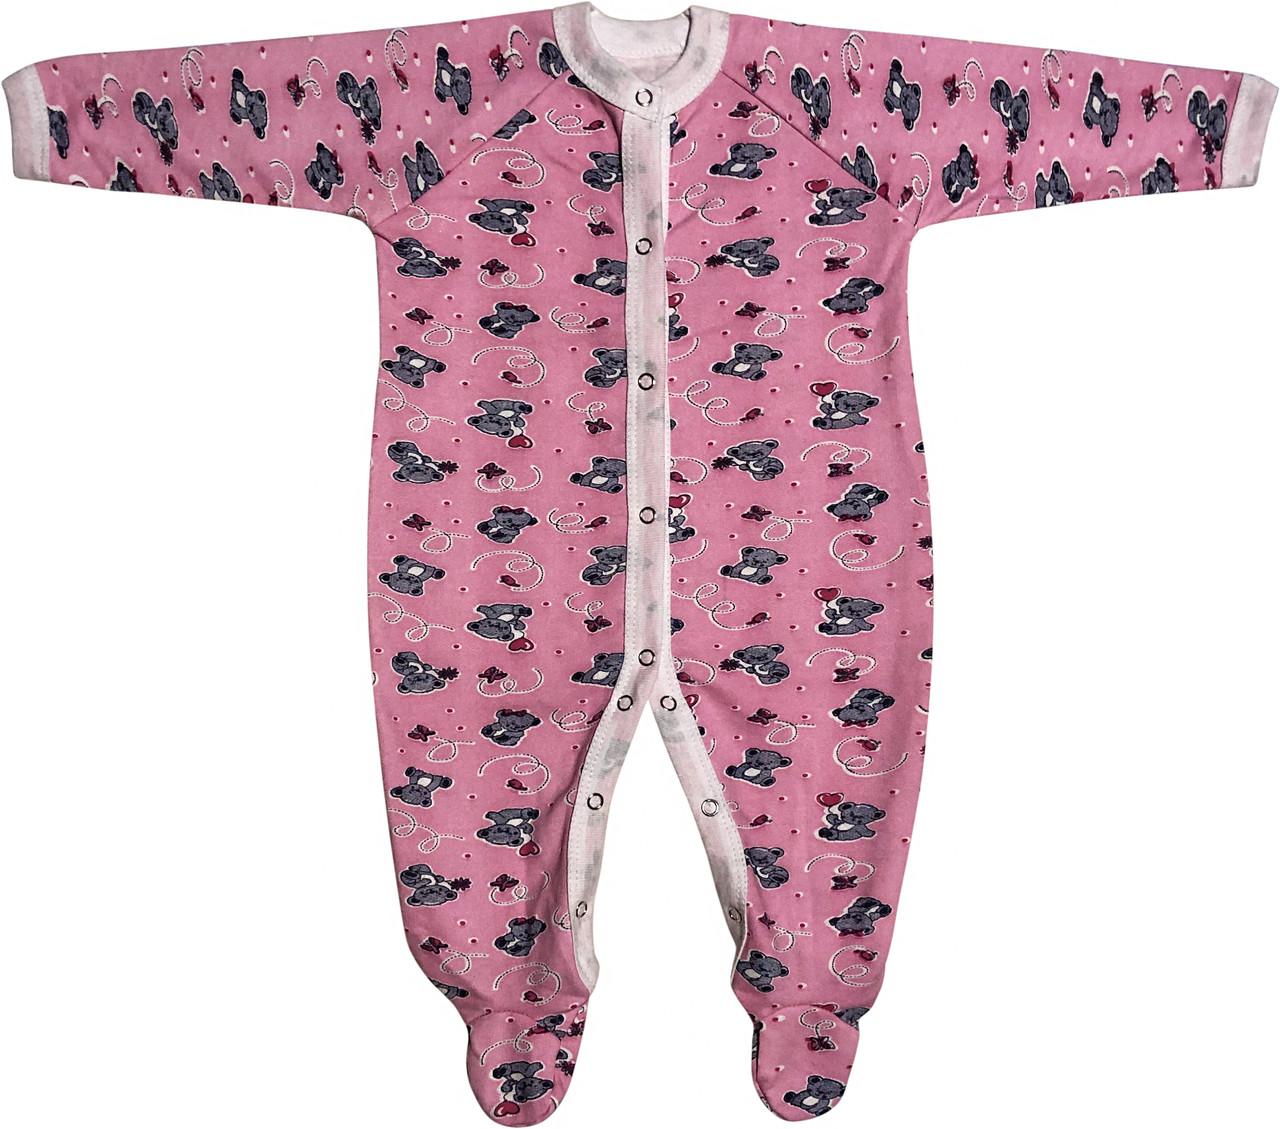 Тёплый человечек с начёсом на девочку рост 62 2-3 мес для новорожденных слип детский хлопковый футер розовый